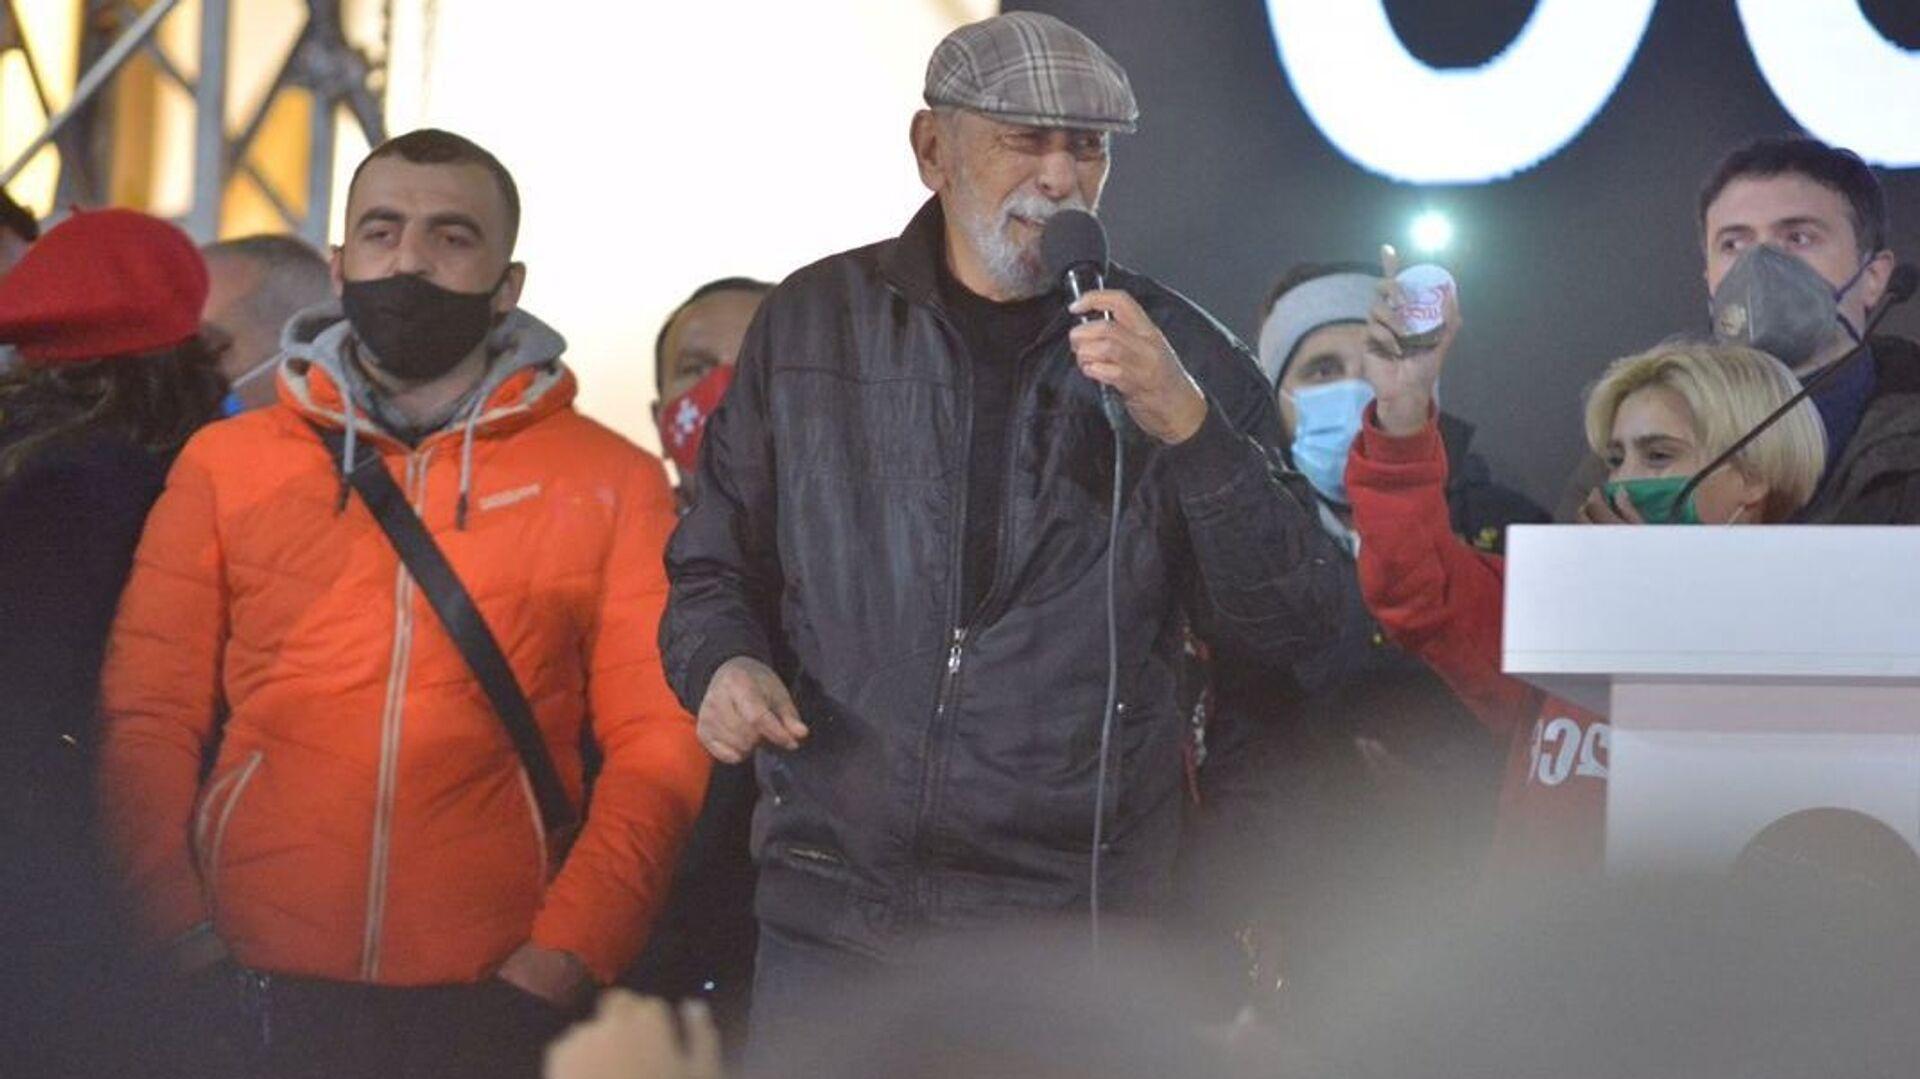 Вахтанг Кикабидзе. Масштабная акция протеста оппозиции в воскресенье 8 ноября 2020 перед зданием парламента Грузии  - Sputnik Грузия, 1920, 12.10.2021